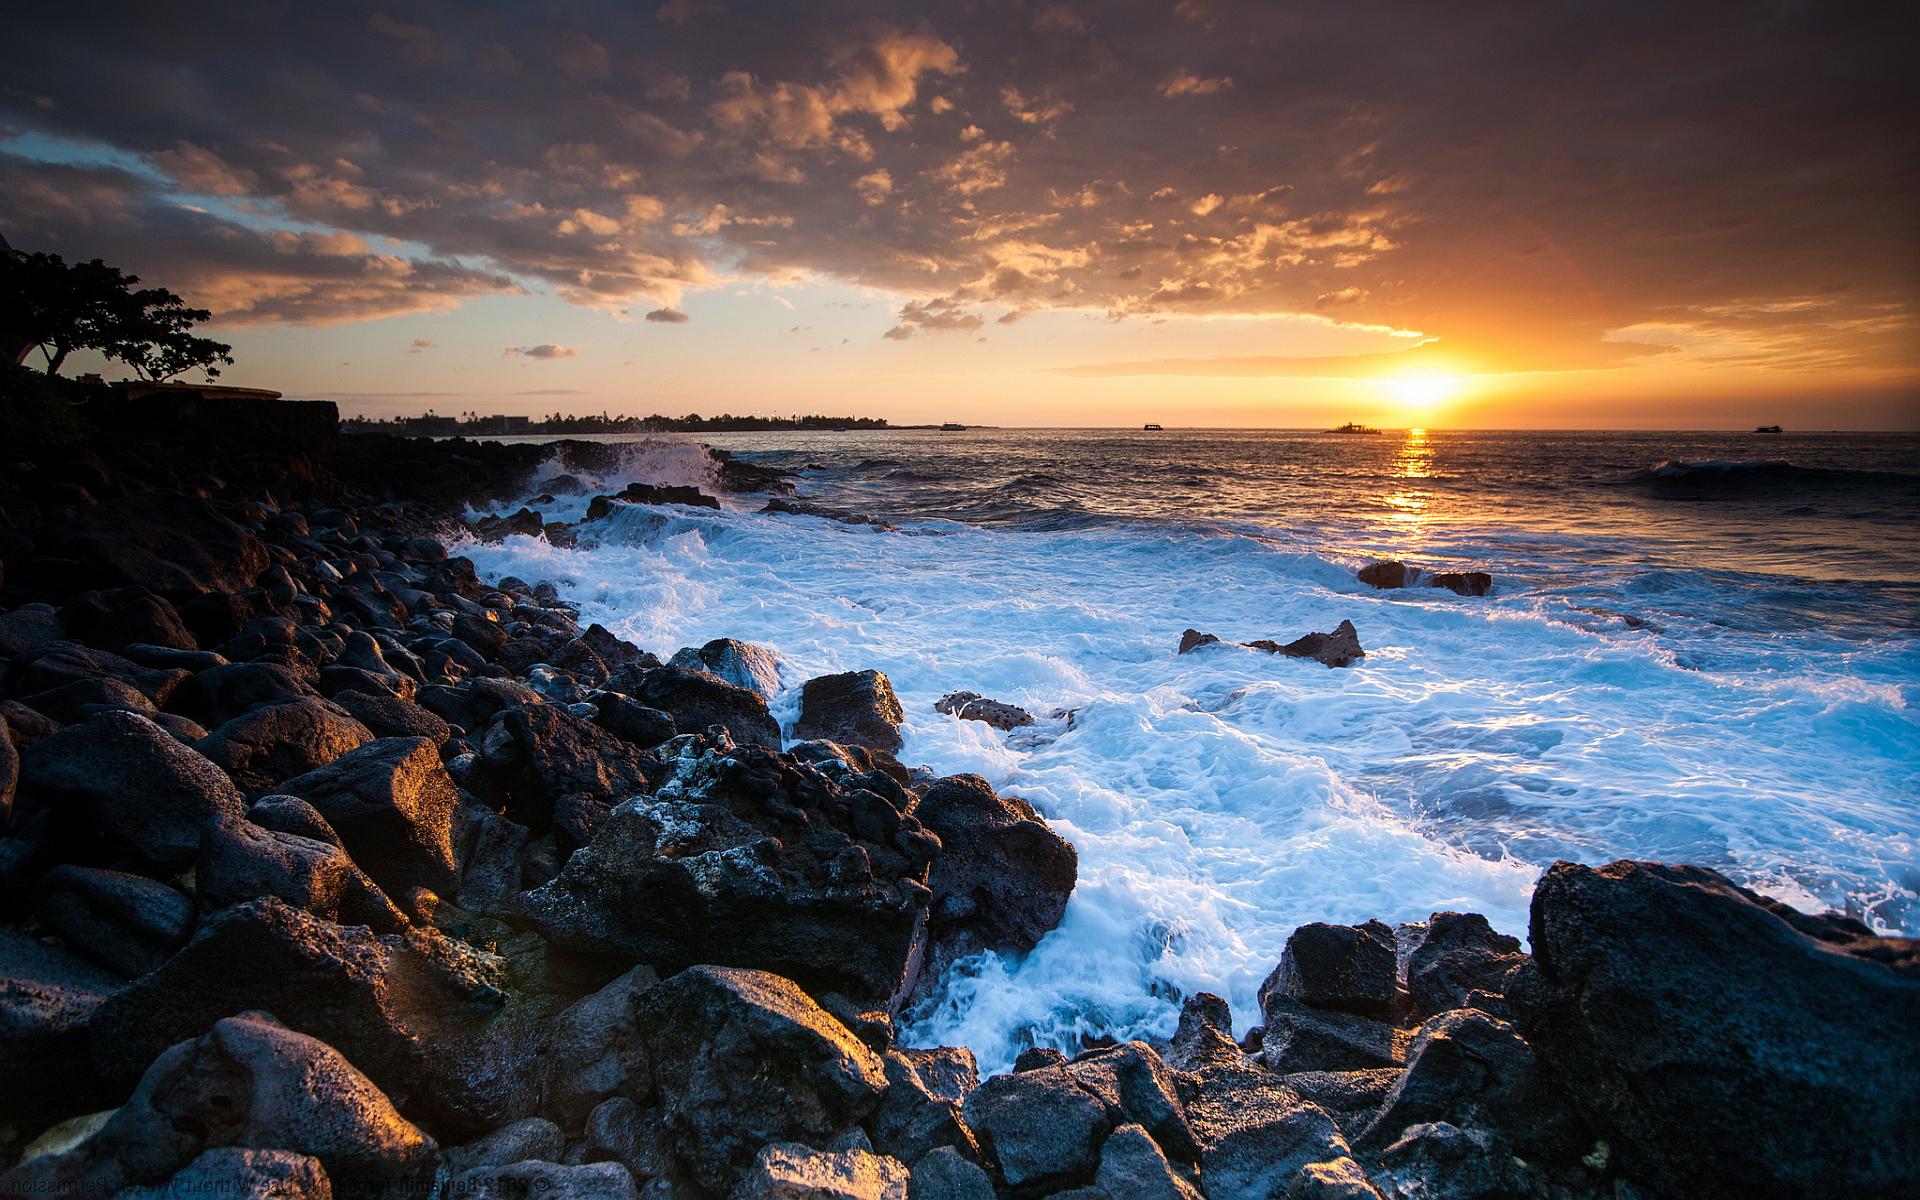 sunset photos coastal